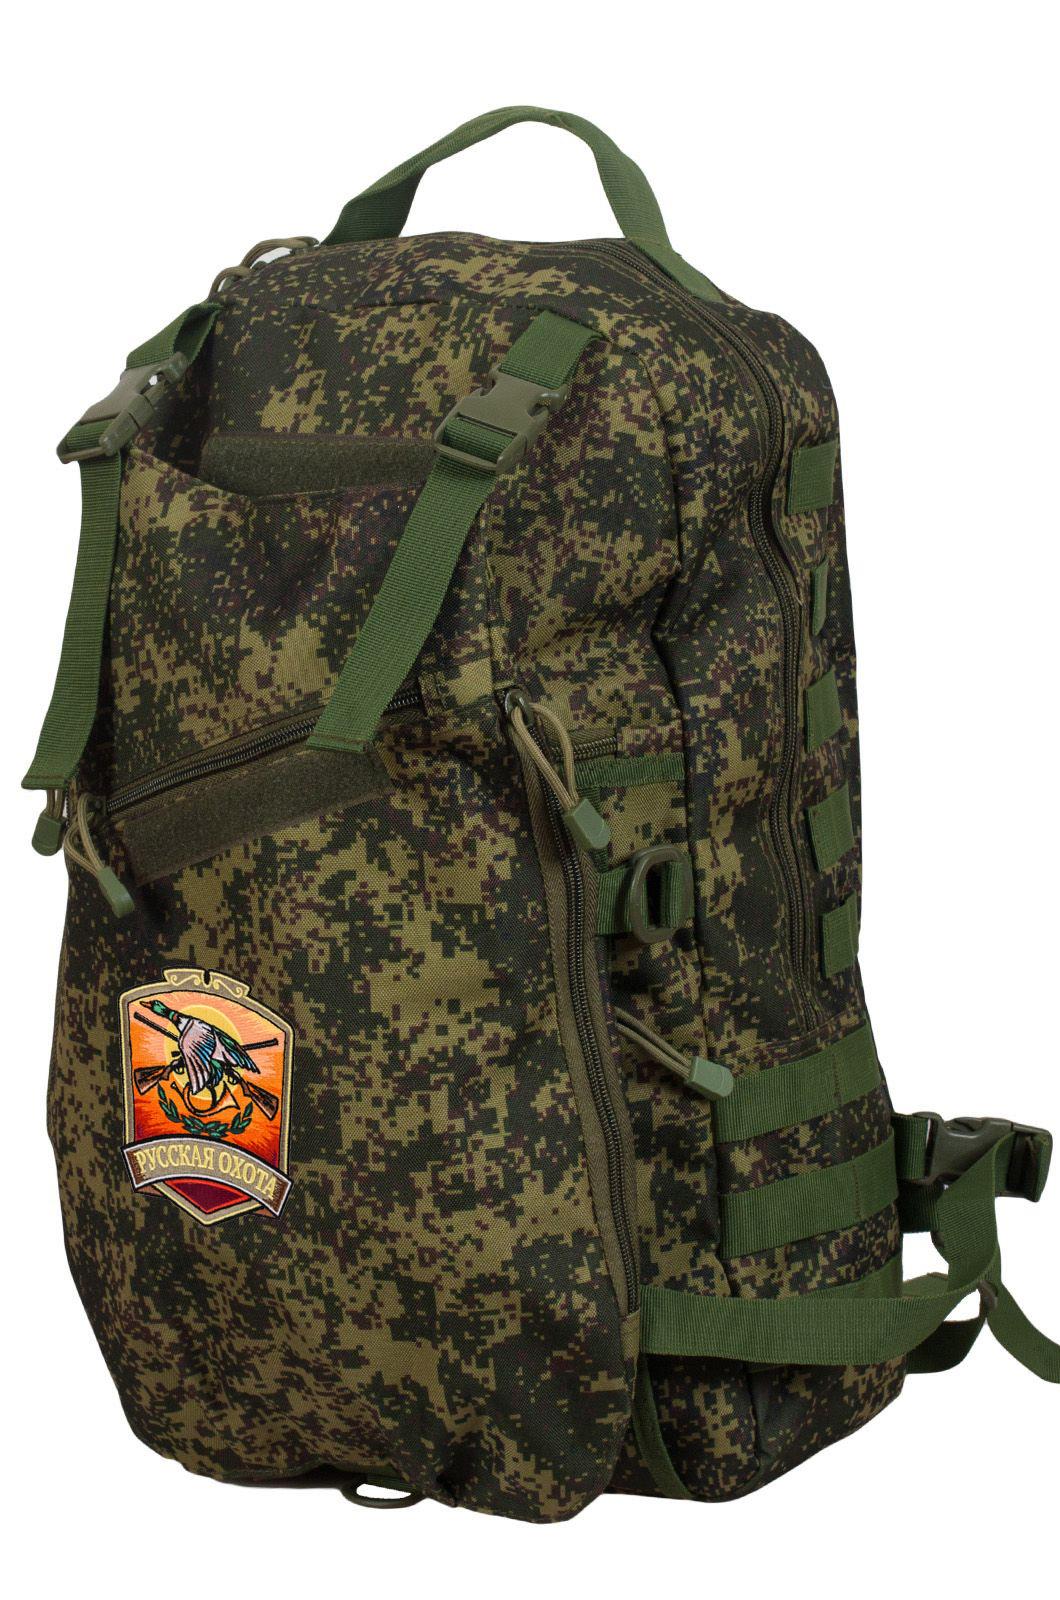 Надежный вместительный рюкзак с нашивкой Русская Охота - купить с доставкой